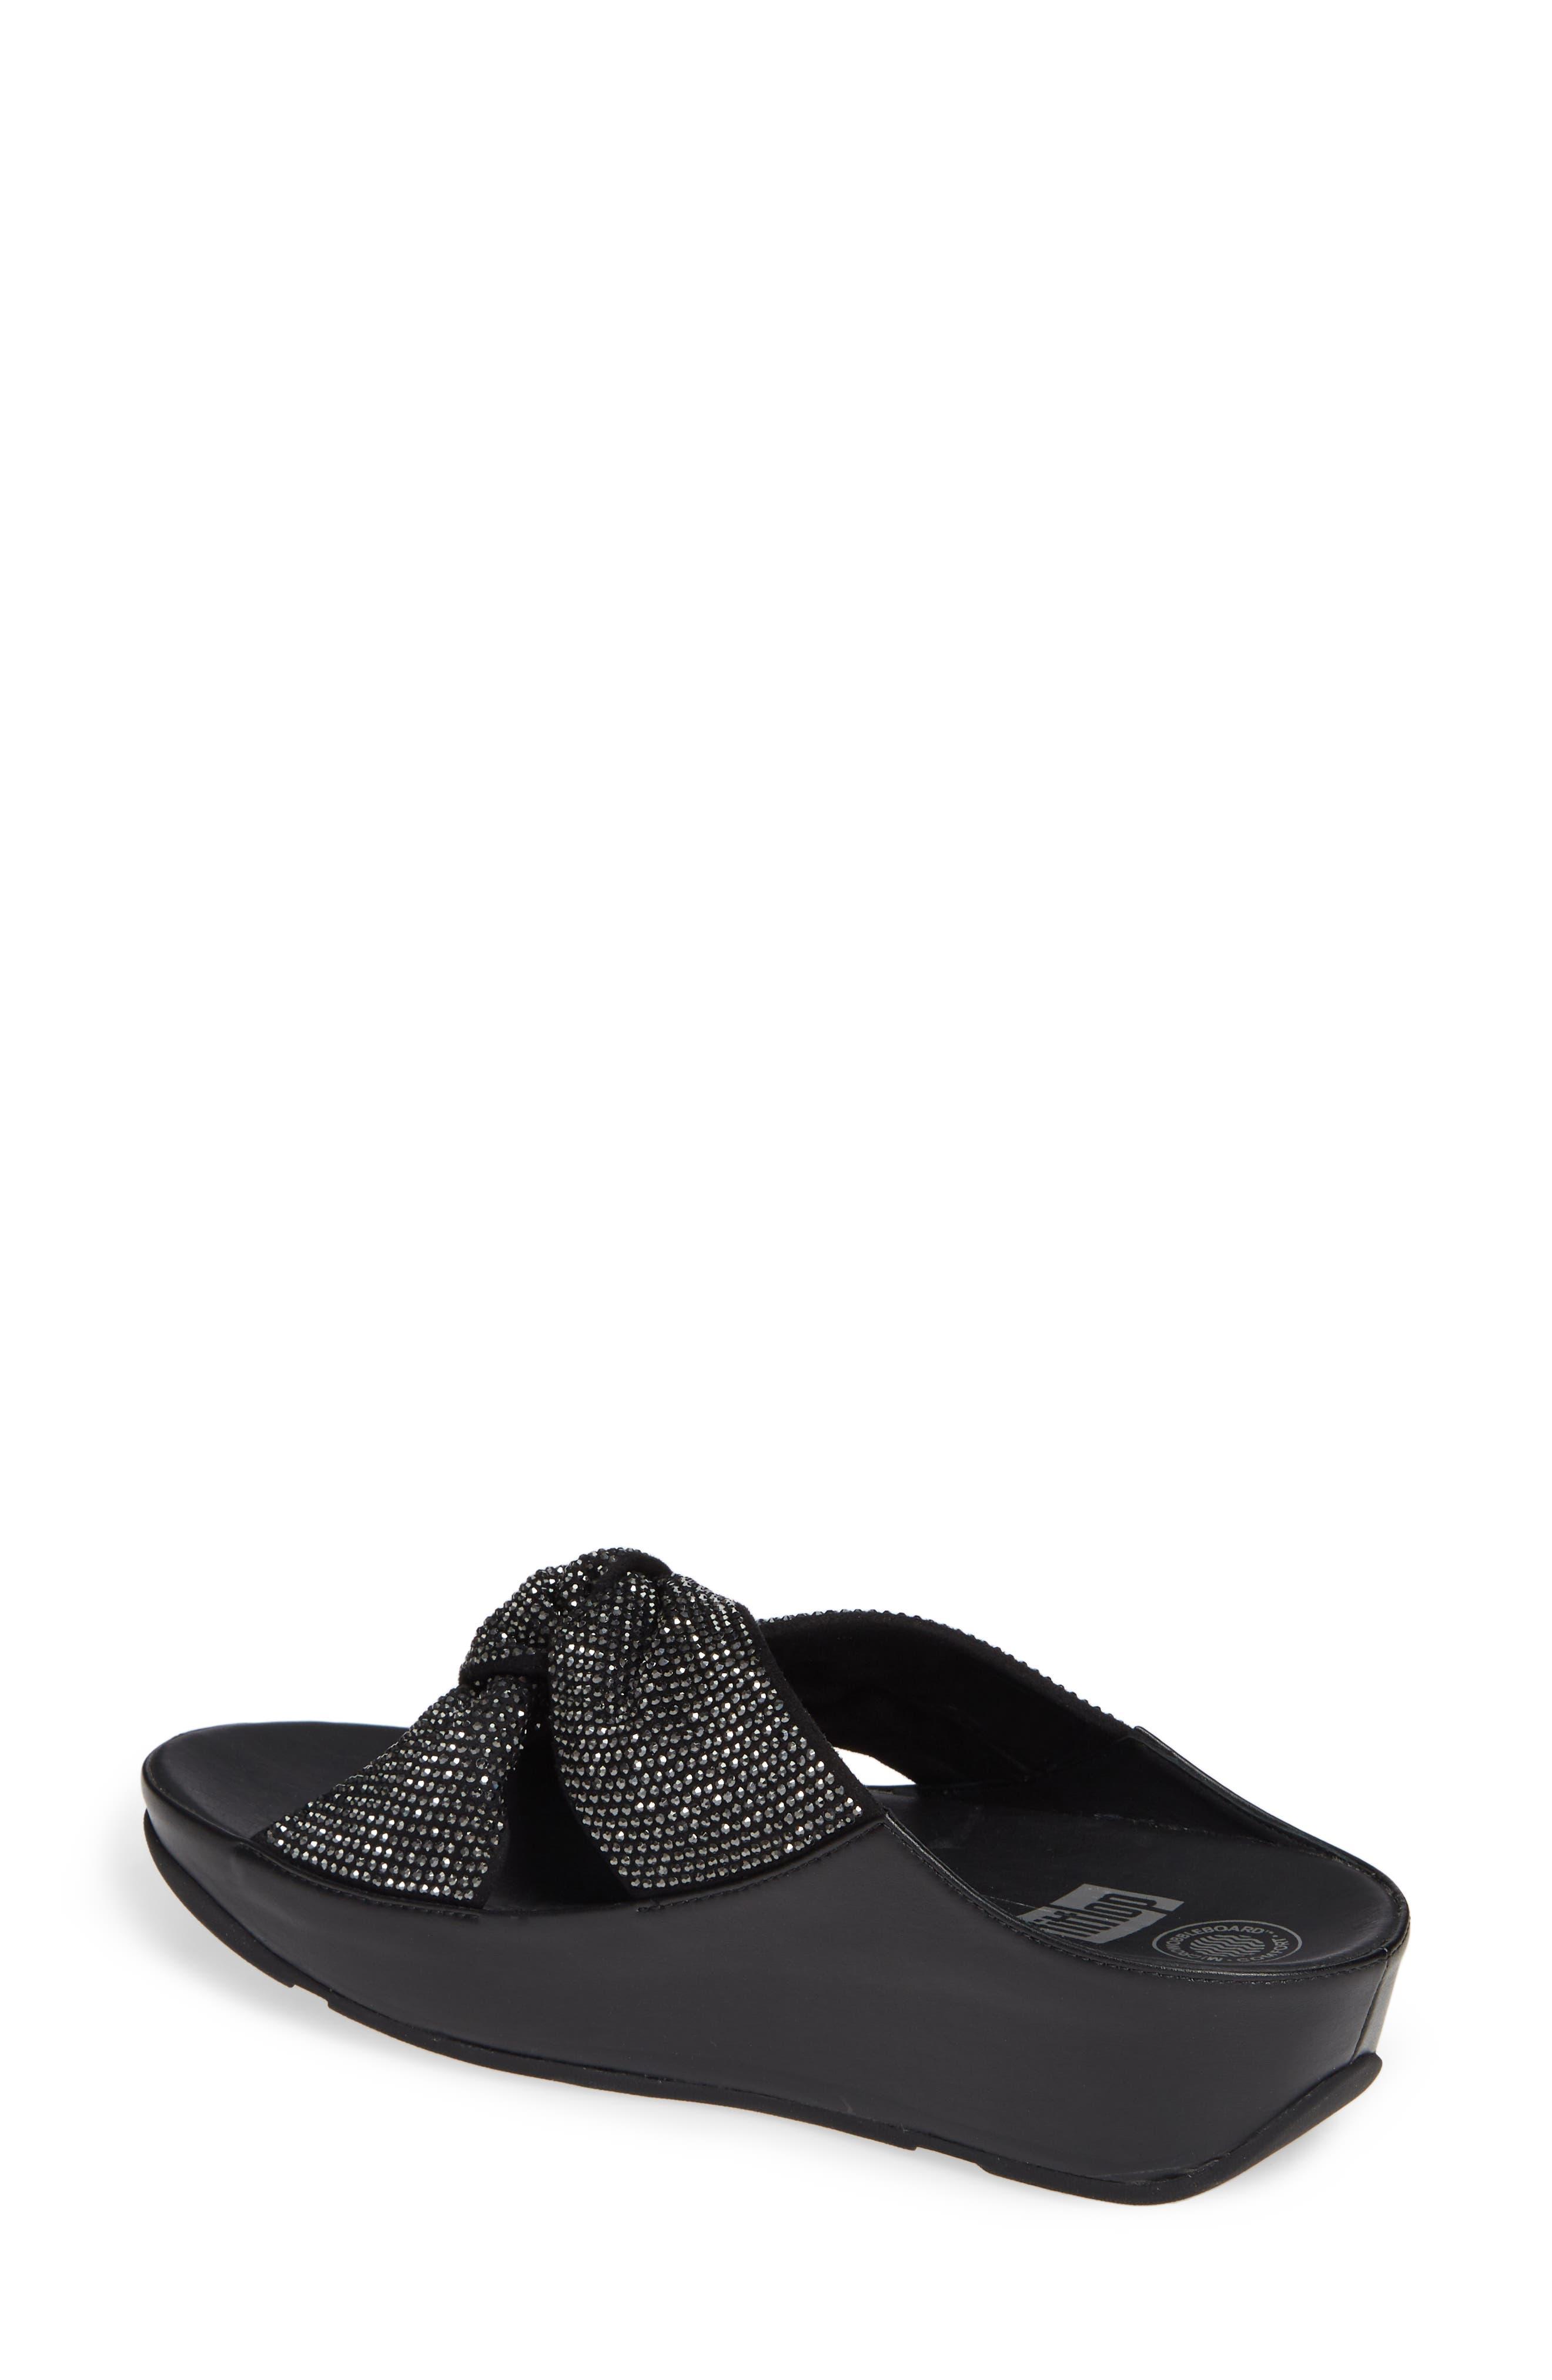 FITFLOP, Twiss Crystal Embellished Slide Sandal, Alternate thumbnail 2, color, BLACK FABRIC